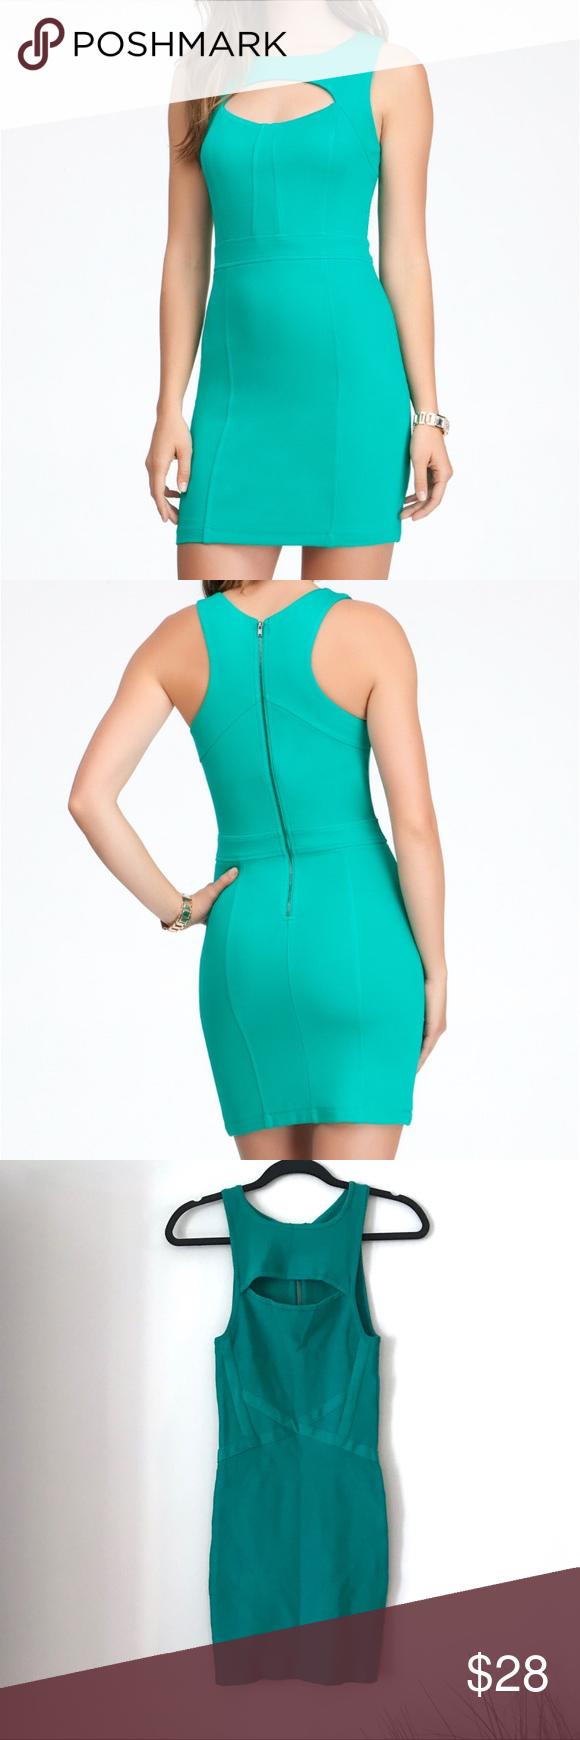 Bebe Green Cutout Bustier Bodycon Dress Small Bodycon Dress Bebe Dresses Bustier [ 1740 x 580 Pixel ]